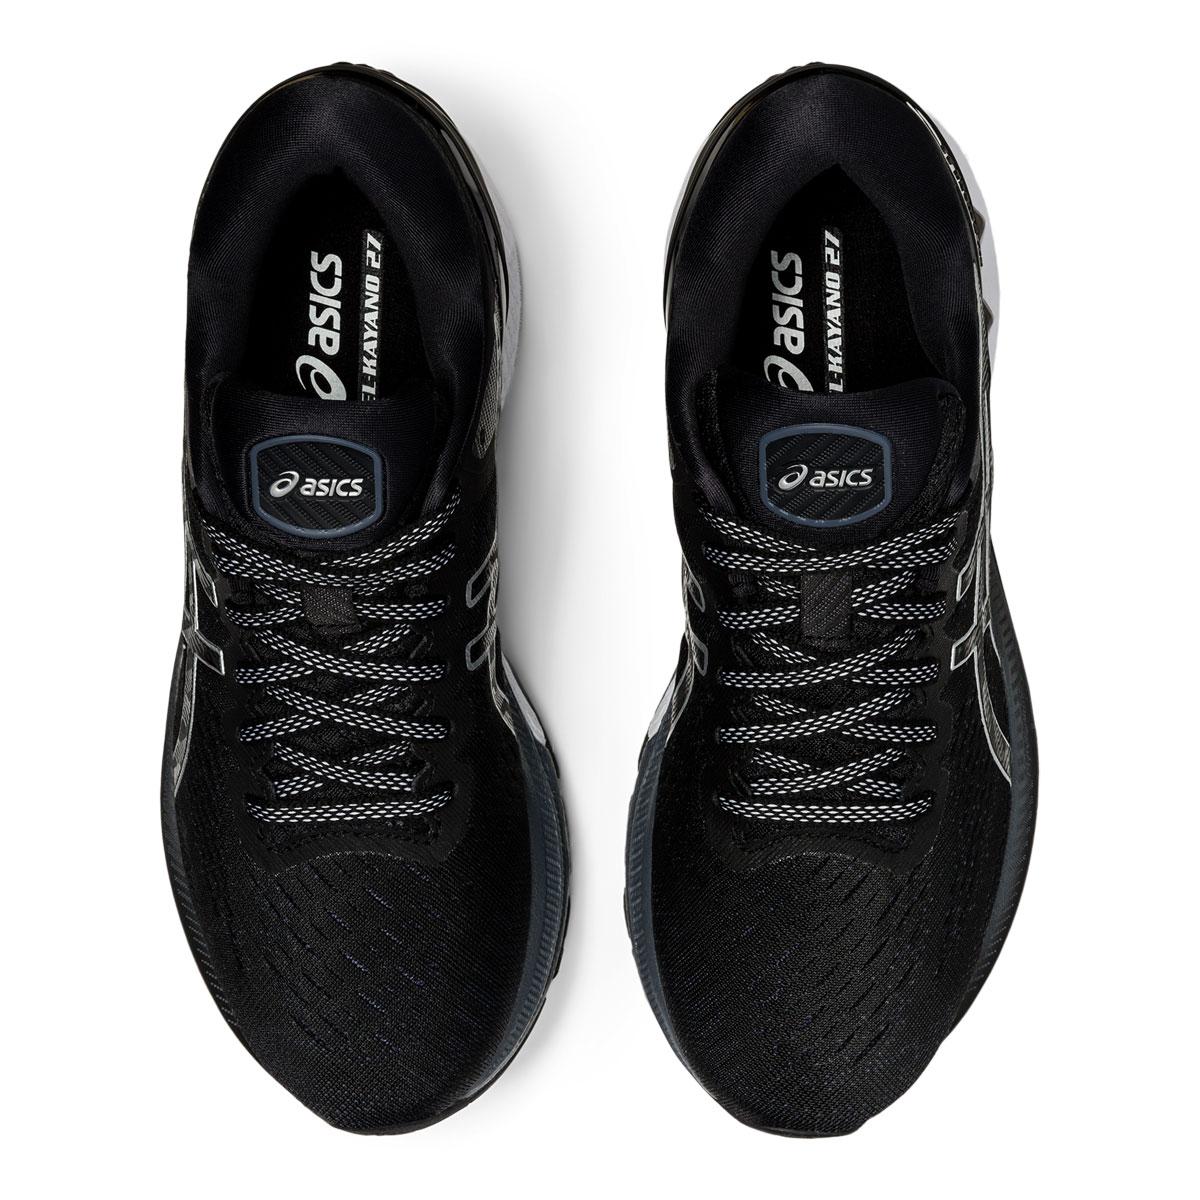 Women's Asics GEL-Kayano 27 Running Shoe, , large, image 6